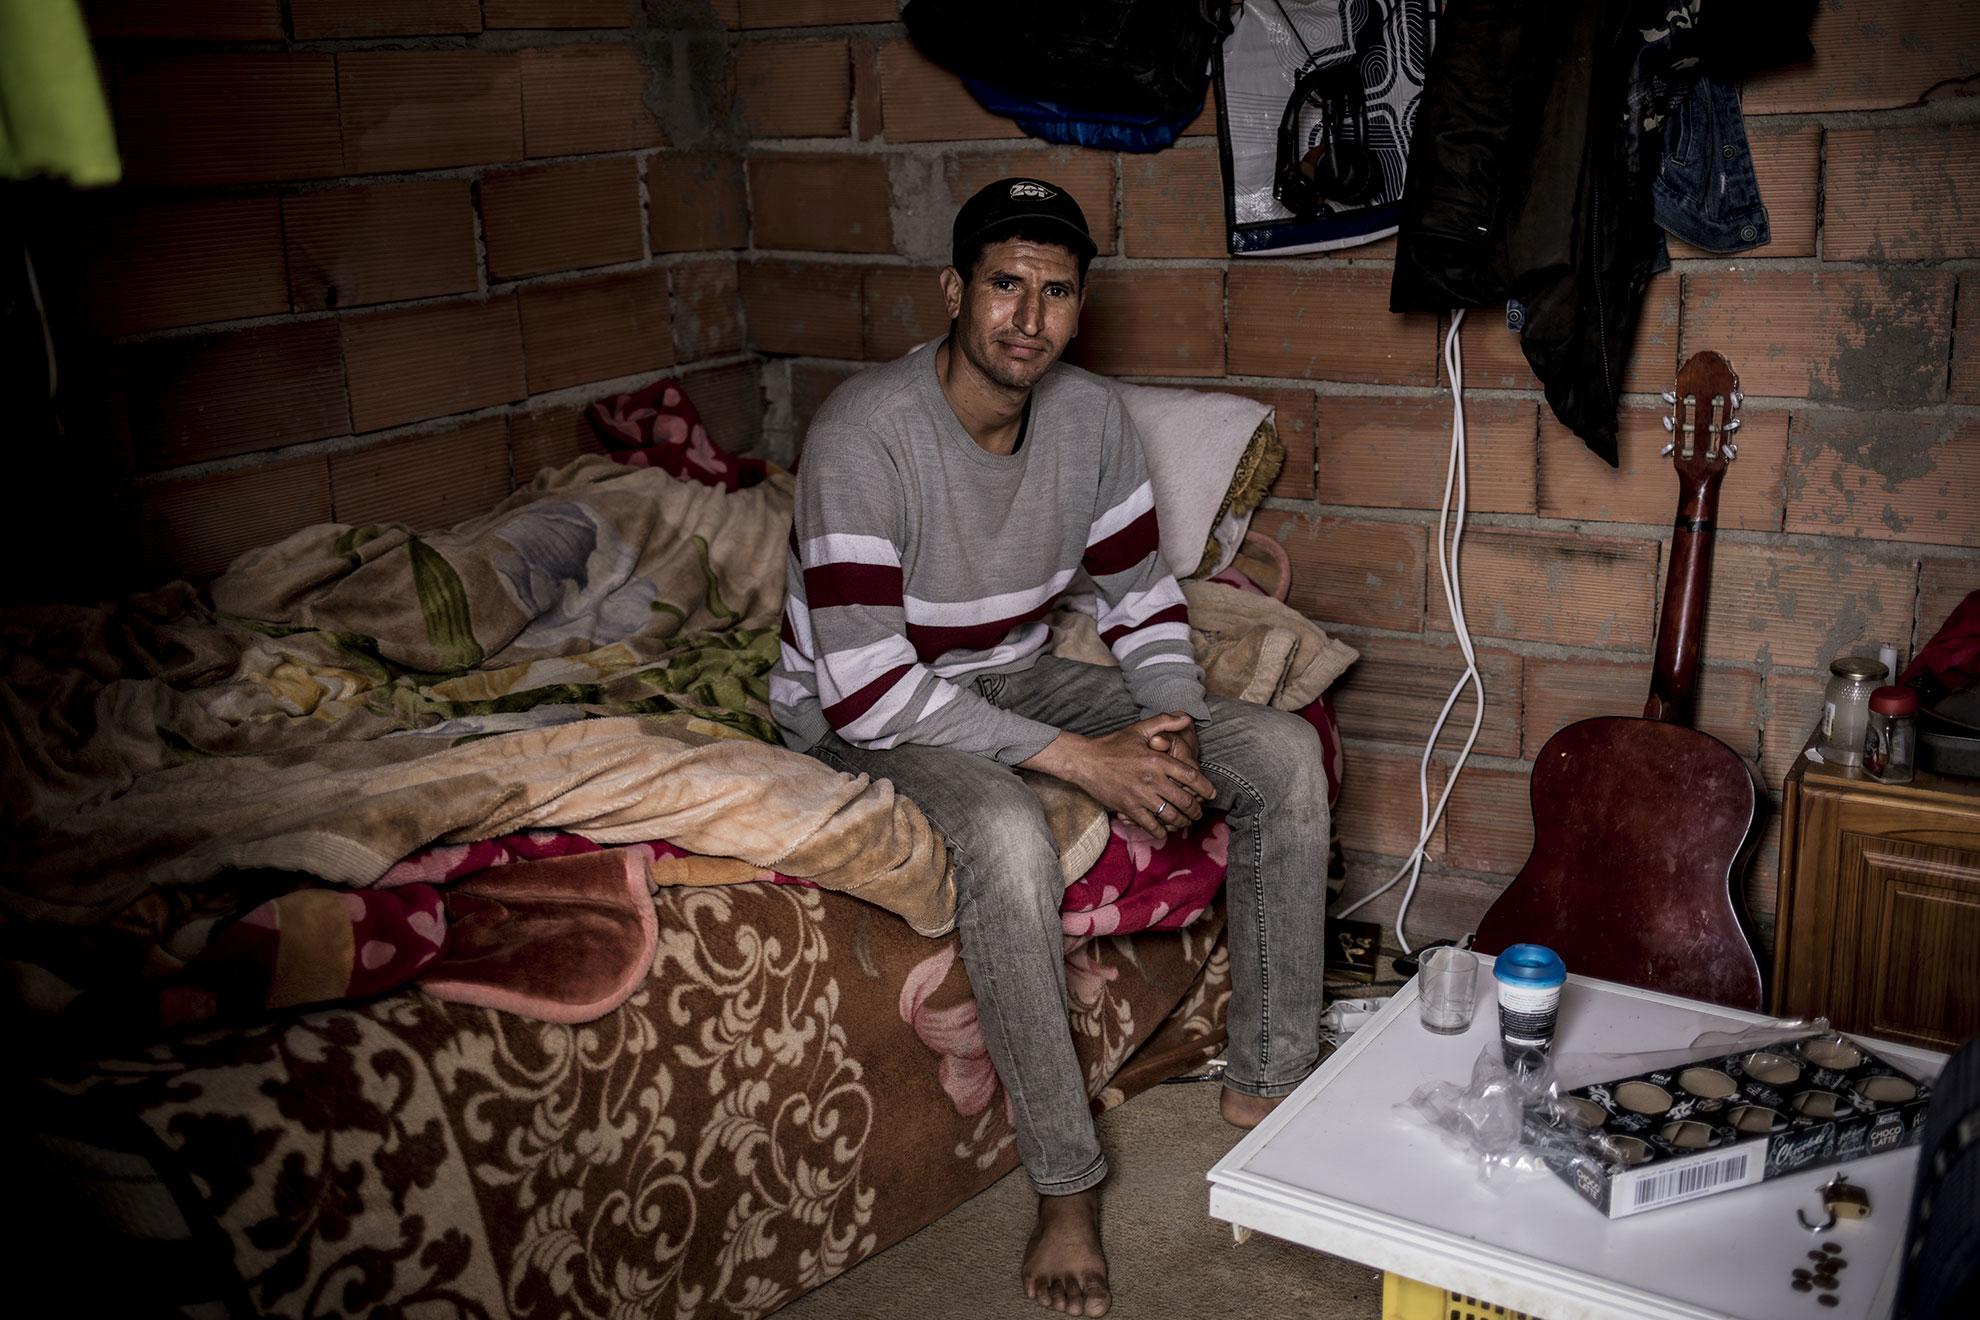 """Jawad es Marroquí y tiene 38 años, vive en un asentamiento chabolista en Almería desde hace un año. Se considera afortunado porque tiene una chabola de ladrillo que no comparte con nadie, su pequeño espacio personal al que no dudó en invitarme. Dentro me enseña que casi no tiene comida, hay días que solo toma té para engañar al hambre, desde el comienzo del estado de alarma que le impide desplazarse a los invernaderos. Me comenta que viajó a Libia, allí lo arrestaron, su gesto cambia, le inunda la tristeza: """"Libia no bueno"""", dice. Luego me pide que abra Facebook en mi móvil y busque su perfil para ver el vídeo del momento en el que la Guardia Costera Italiana se dispone a rescatar su patera y esta vuelca dejando a todos en el agua, """"yo se nadar"""", me dice, """"otros...""""."""